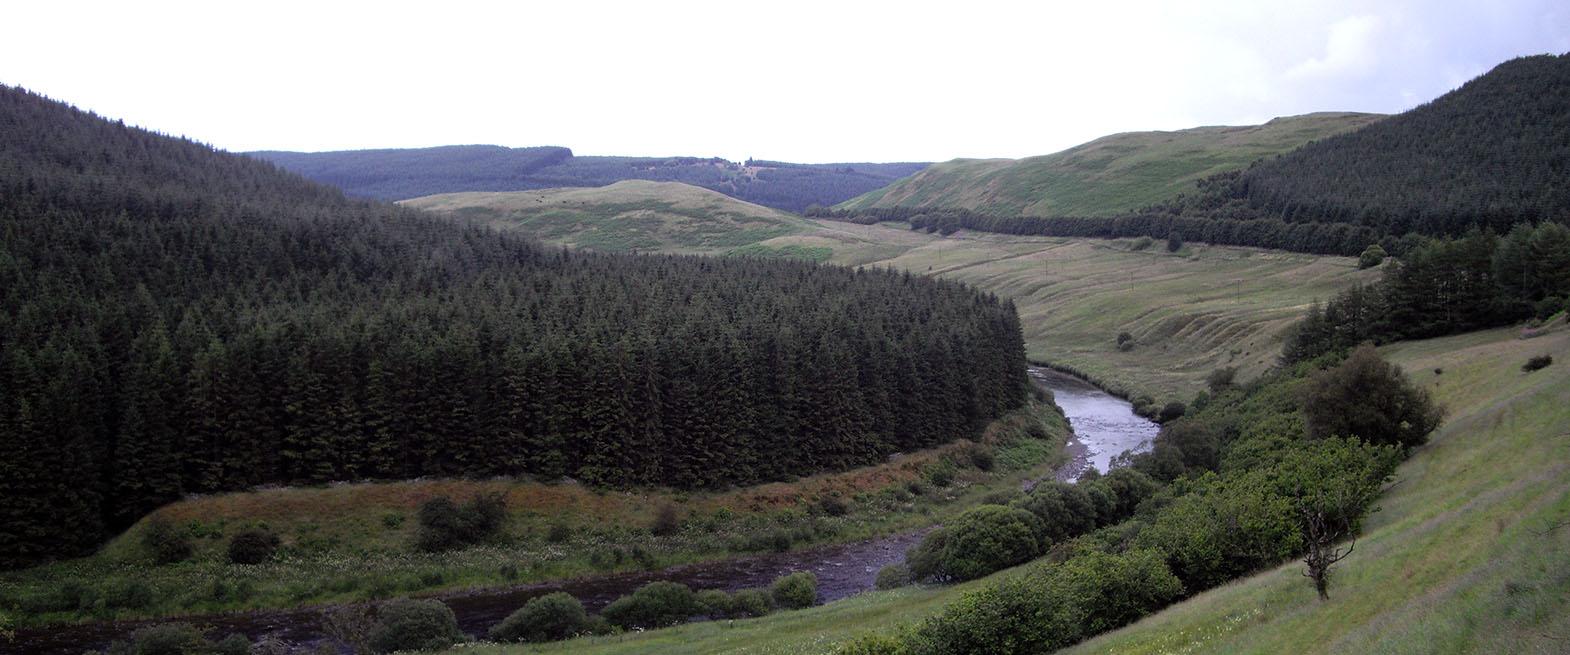 Forestry_Slide3